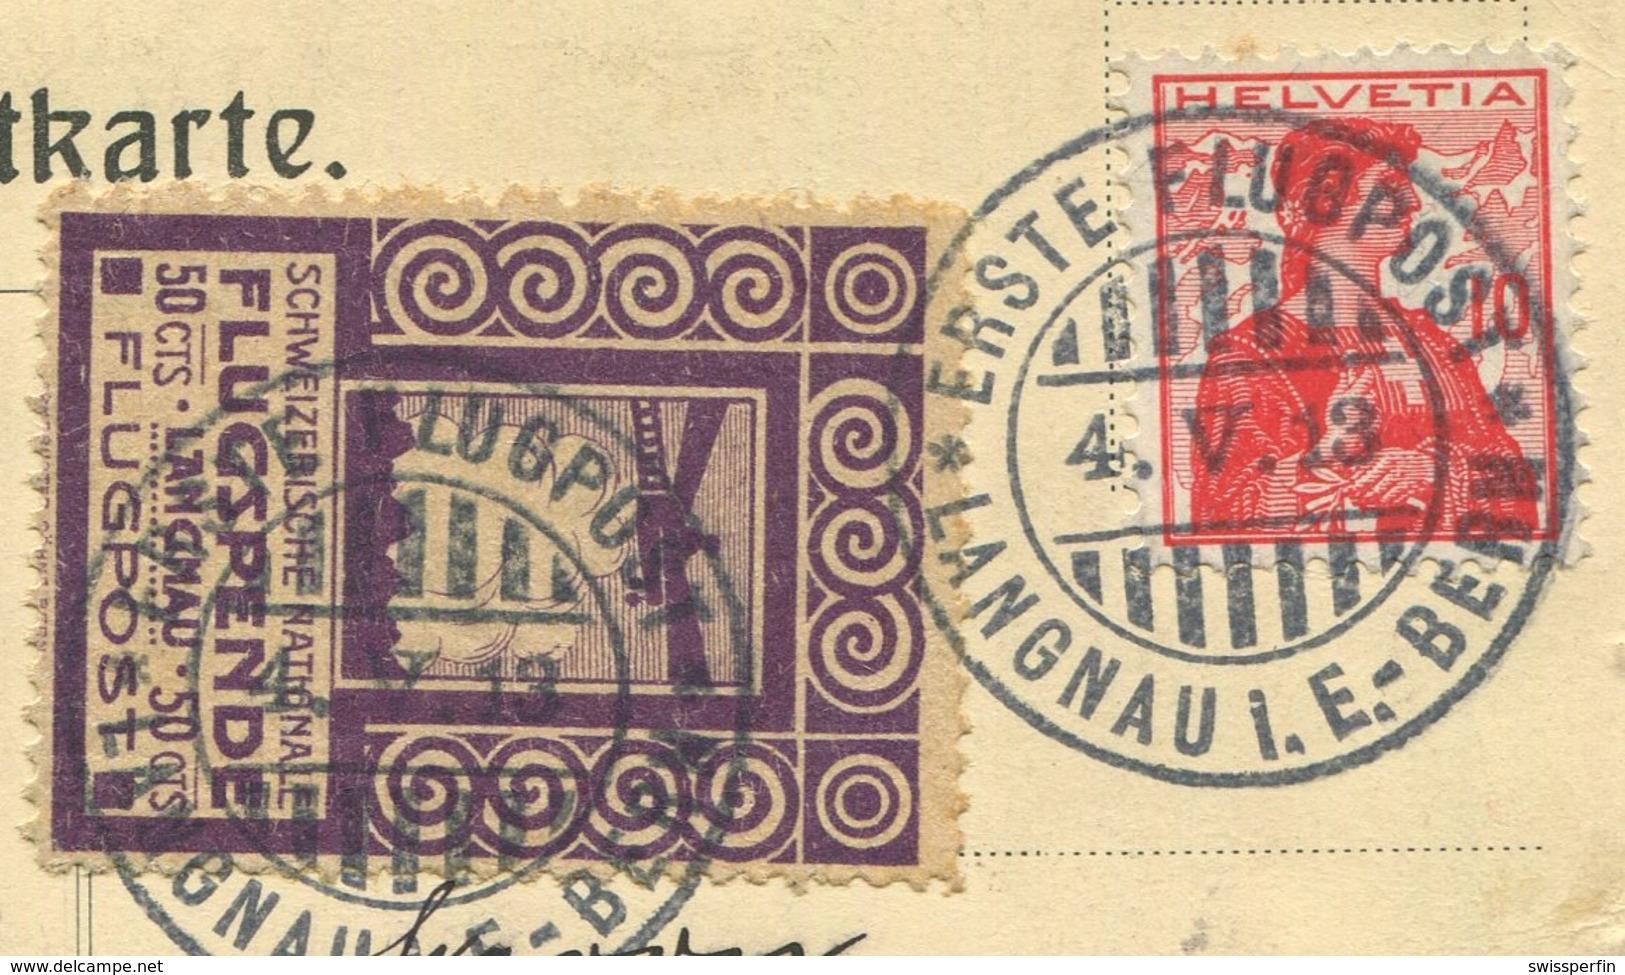 1955 - Pionierflug - Vorläufer LANGNAU Am 4. Mai 1913 Auf Offizieller Postkarte Mit Zudruck Flugtag Langnau I.E. - Poste Aérienne